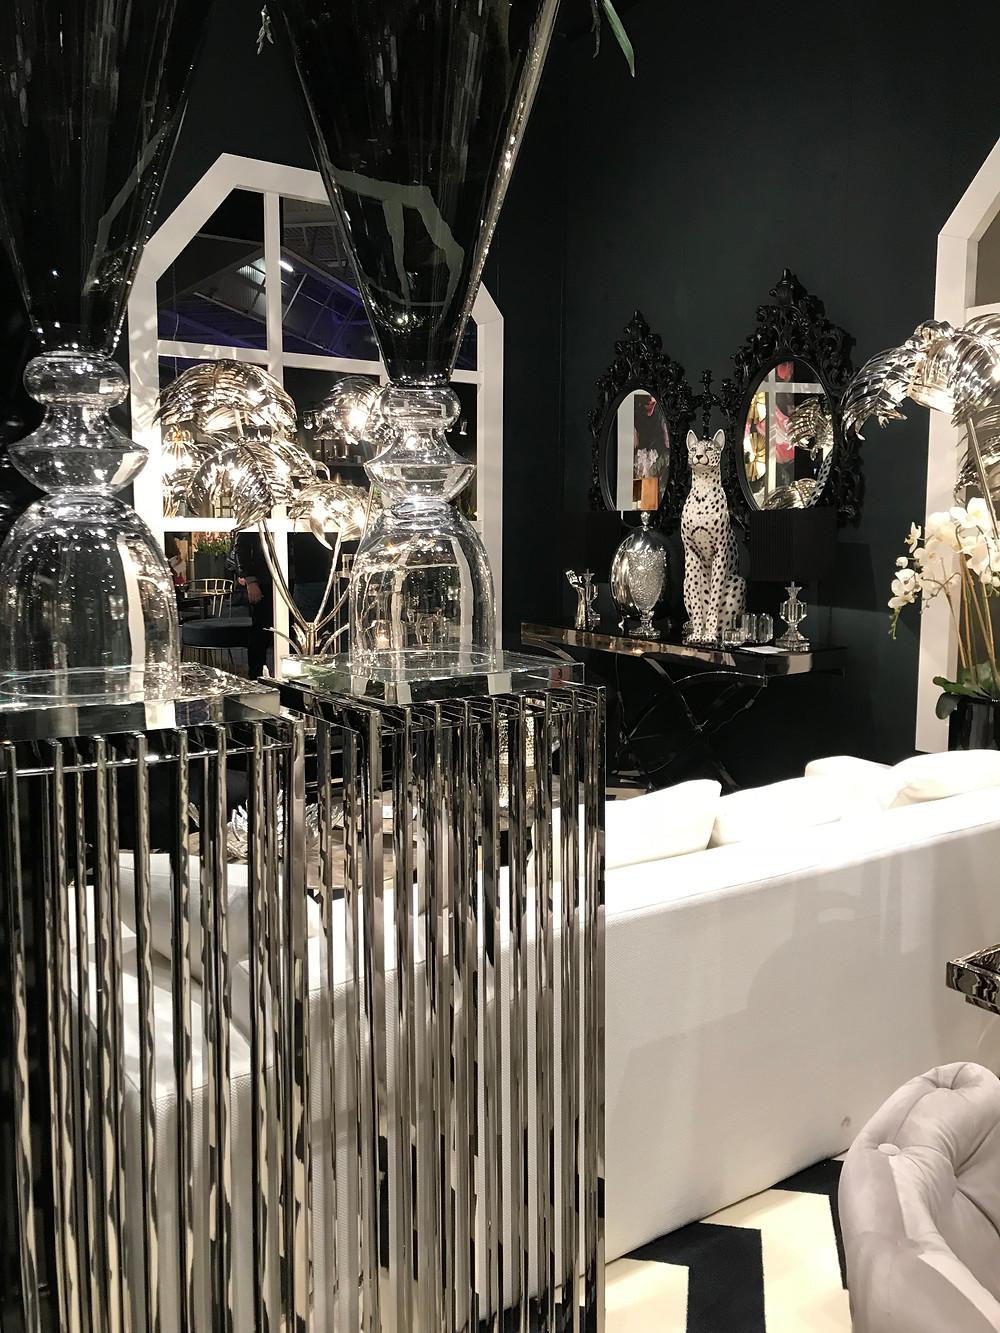 sculpture de léopard avec mur noir et guéridon en acier brillant argenté, surmontés de deux grands miroirs baroques noirs, projet de scénographie - décoration à Paris